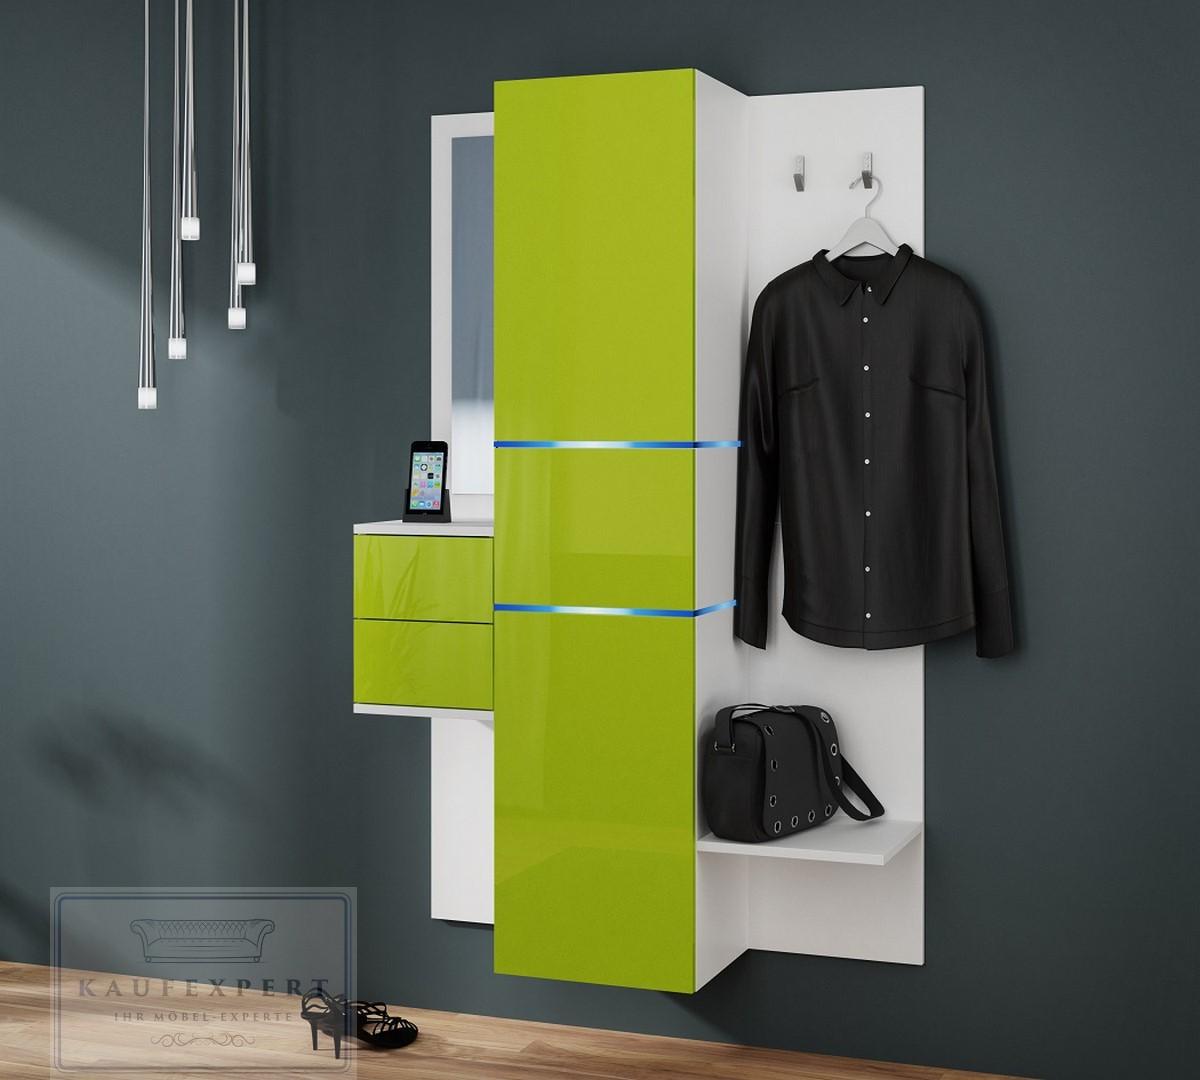 Kaufexpert garderobe camino lime hochglanz wei mit for Garderoben set mit spiegel